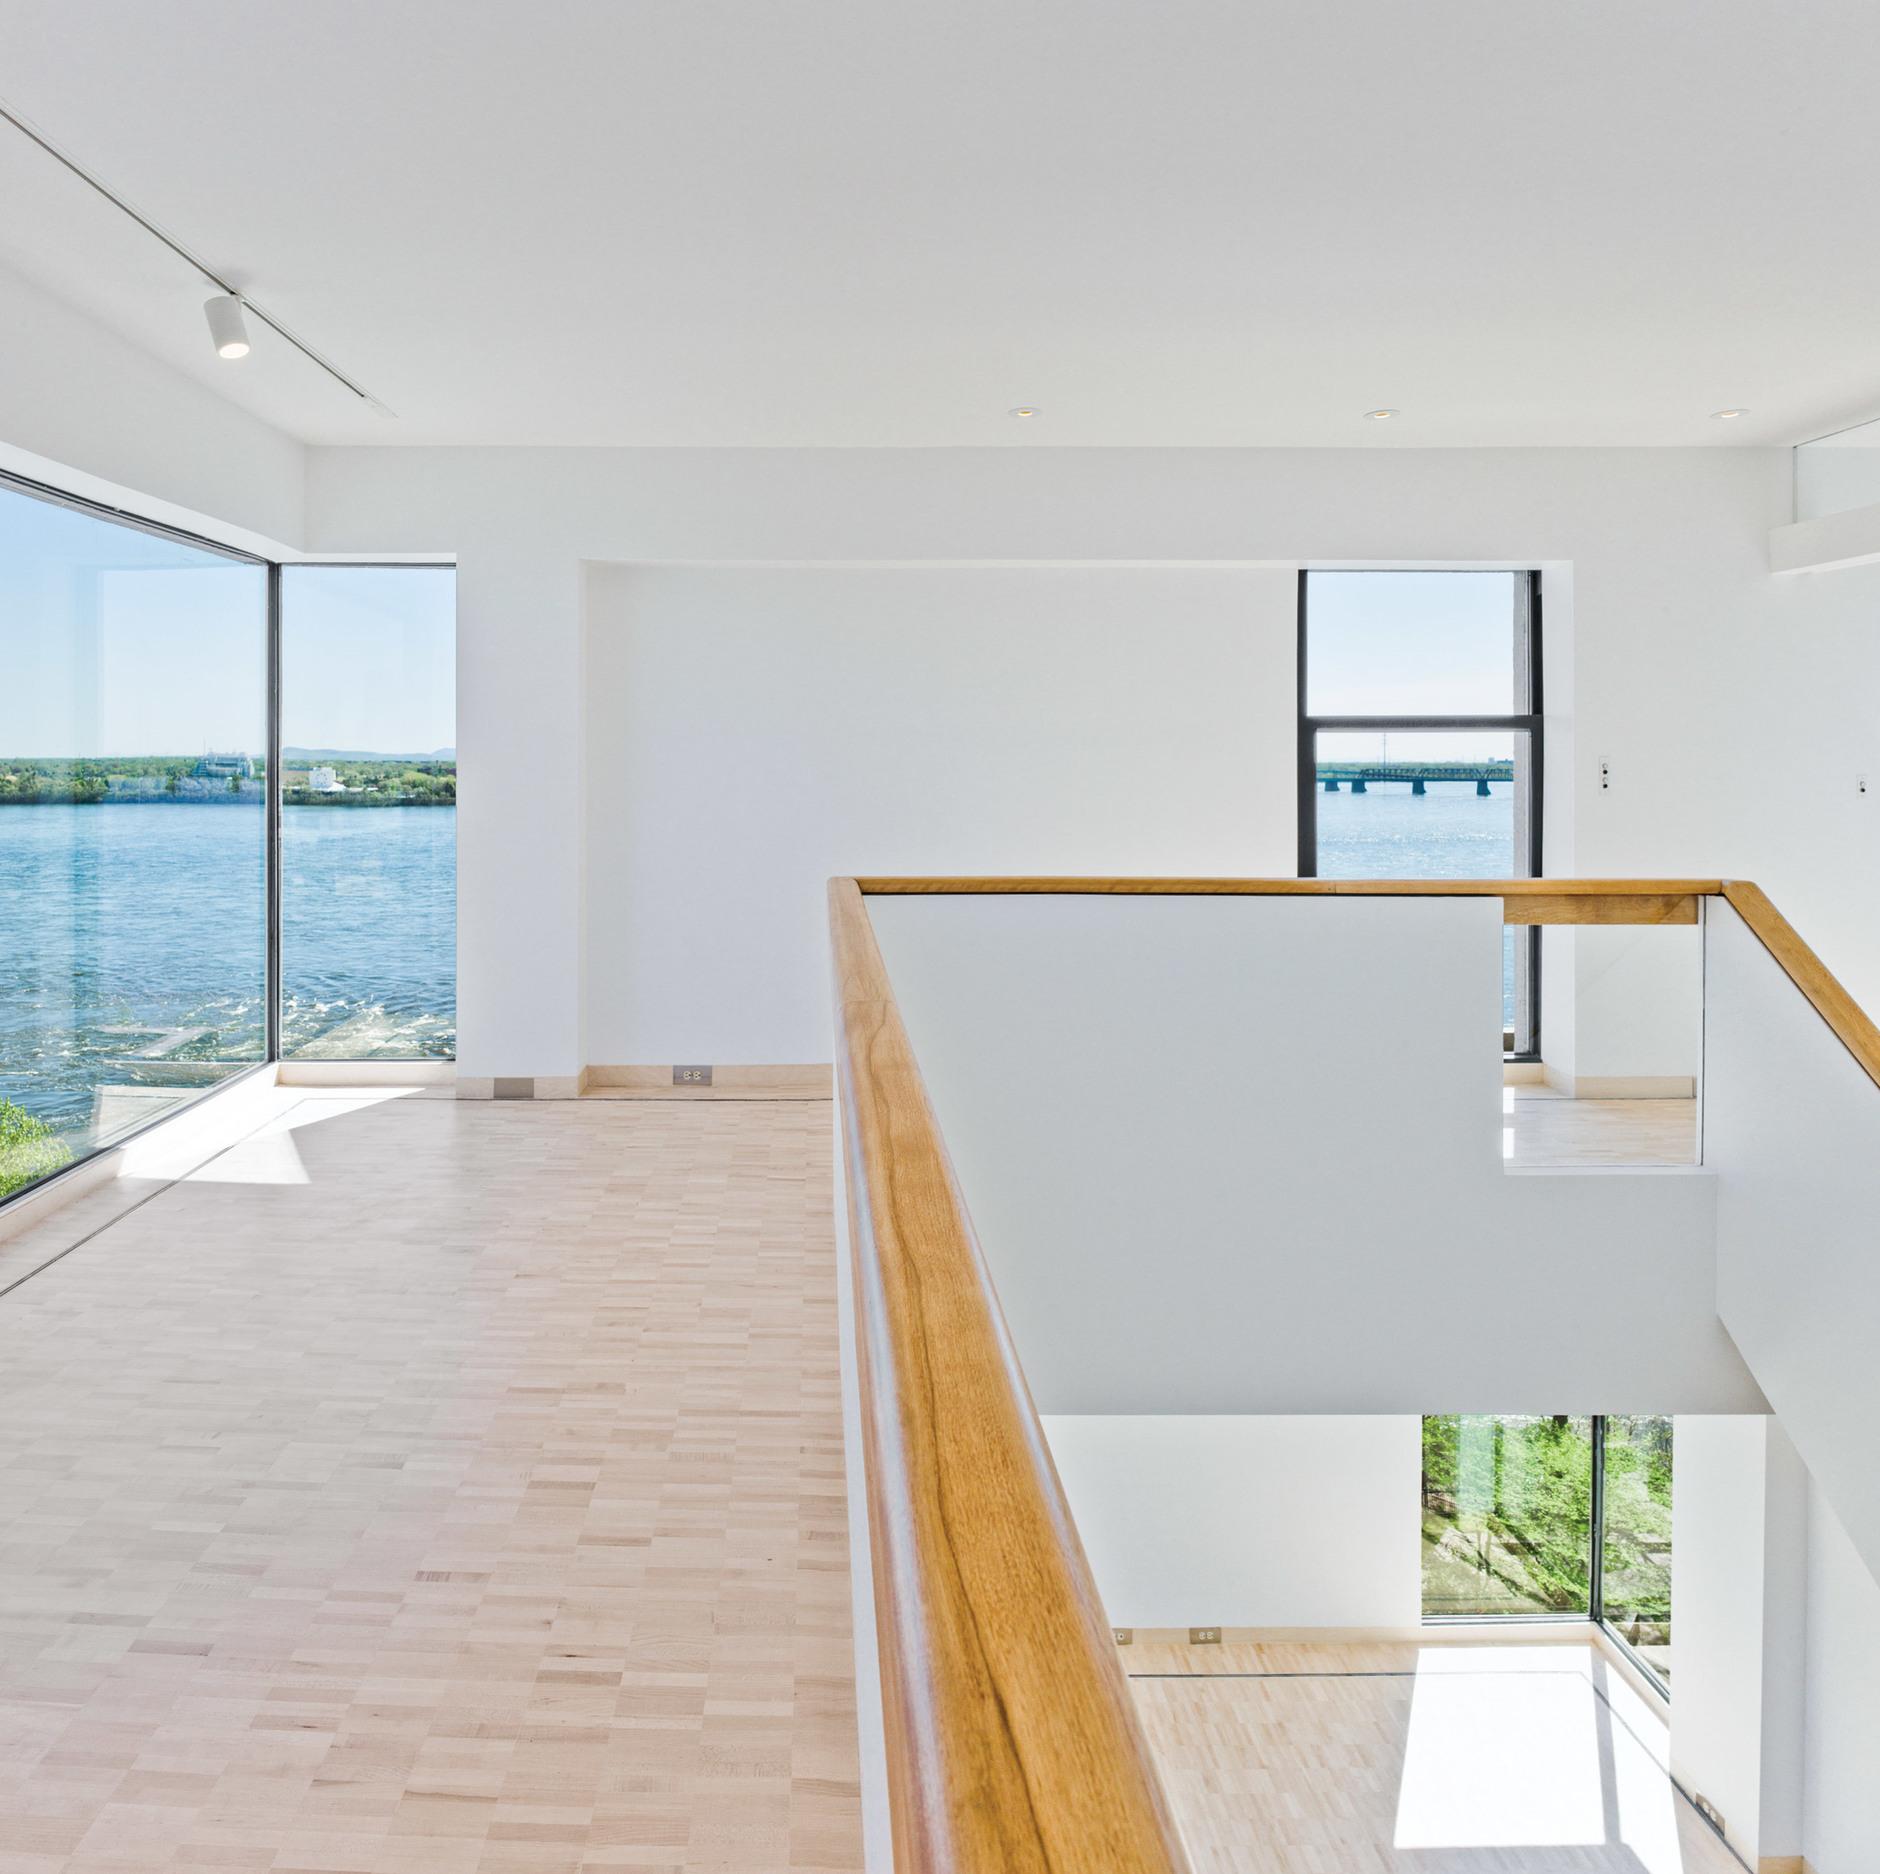 Квартира Моше Сафди в Habitat 67 открыта после реставрации (галерея 7, фото 2)